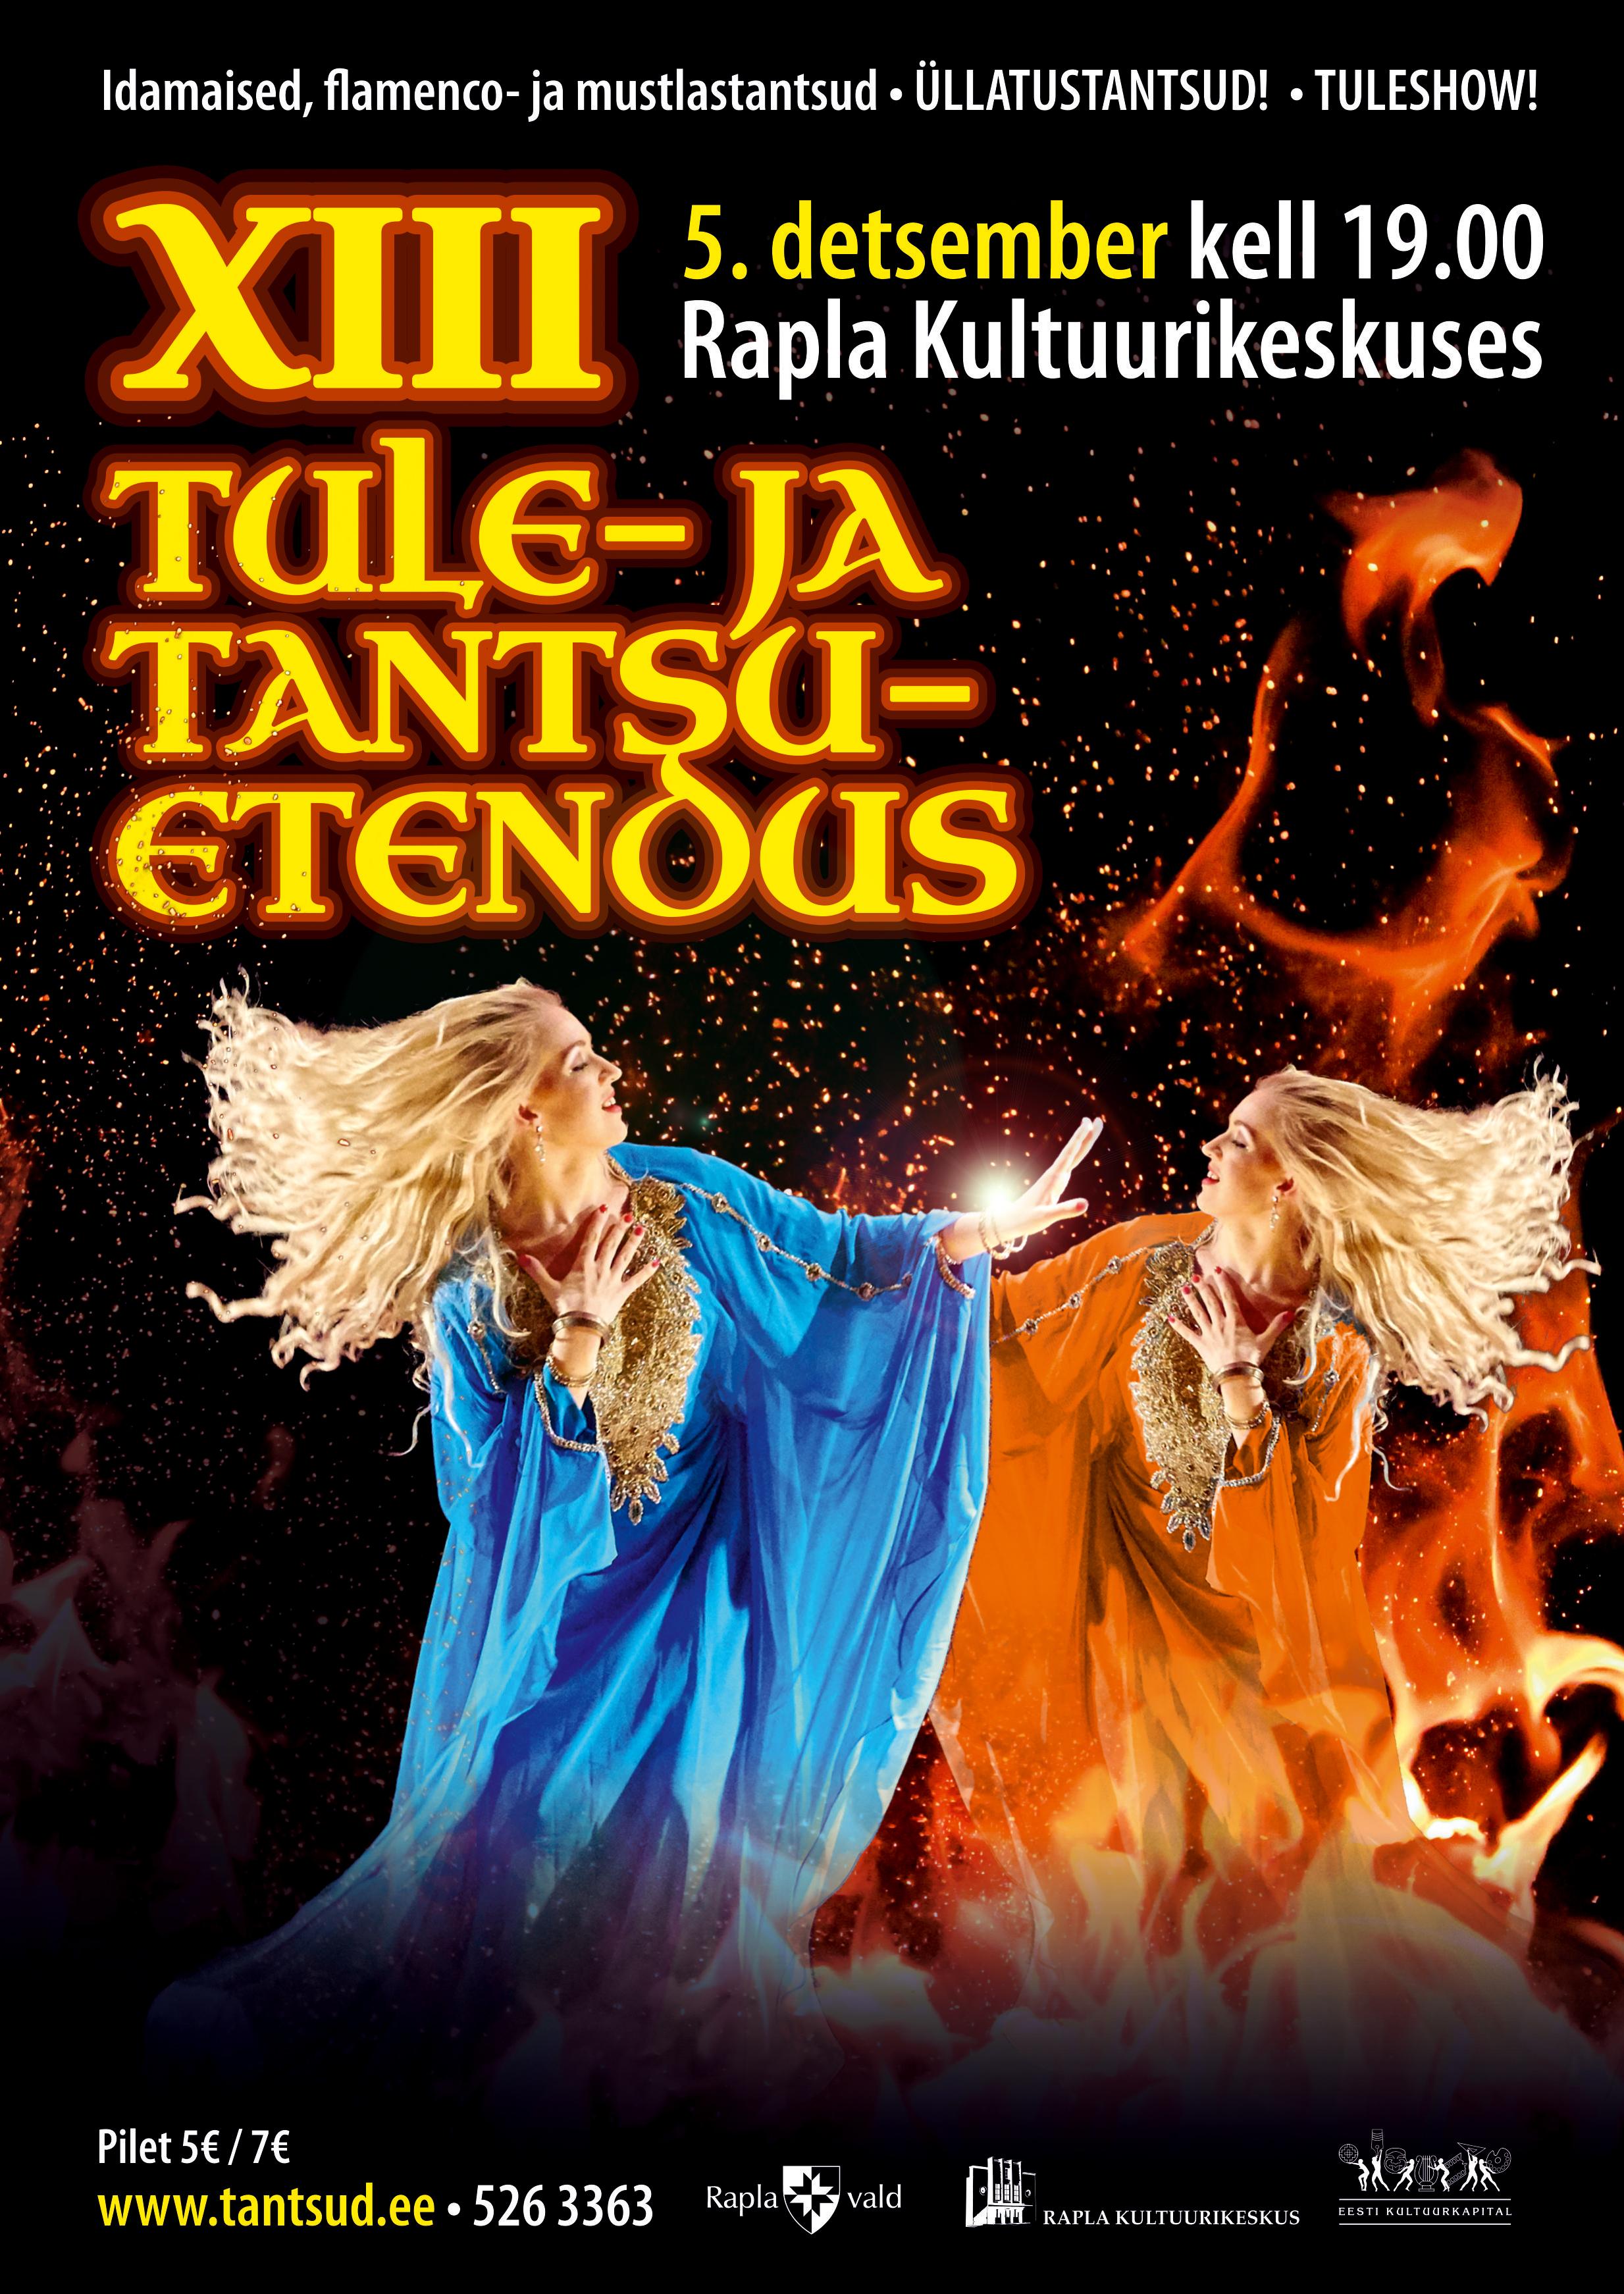 XIII Tule- ja tantsuetendus